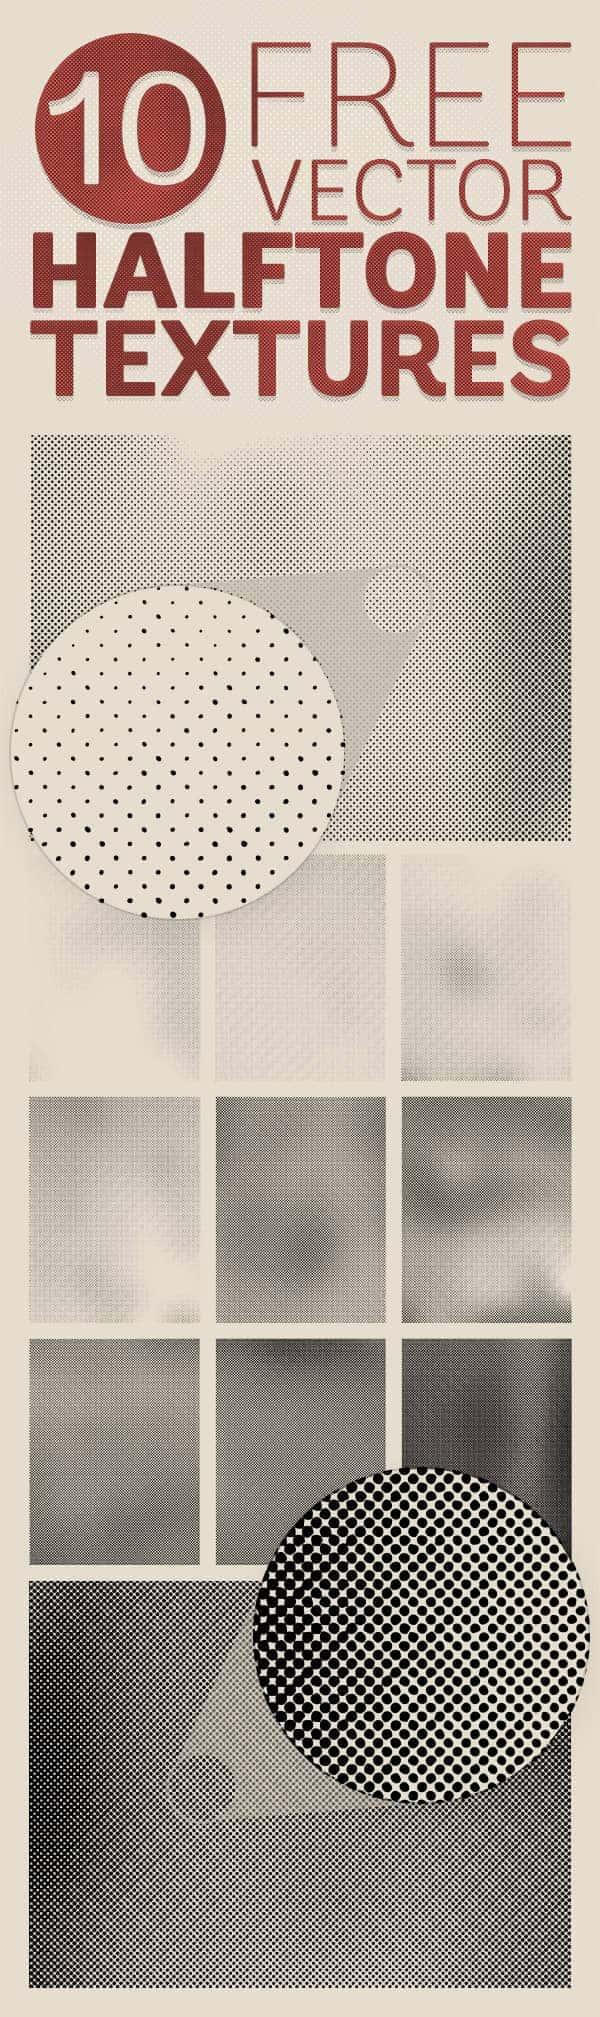 vector-halftone-textures